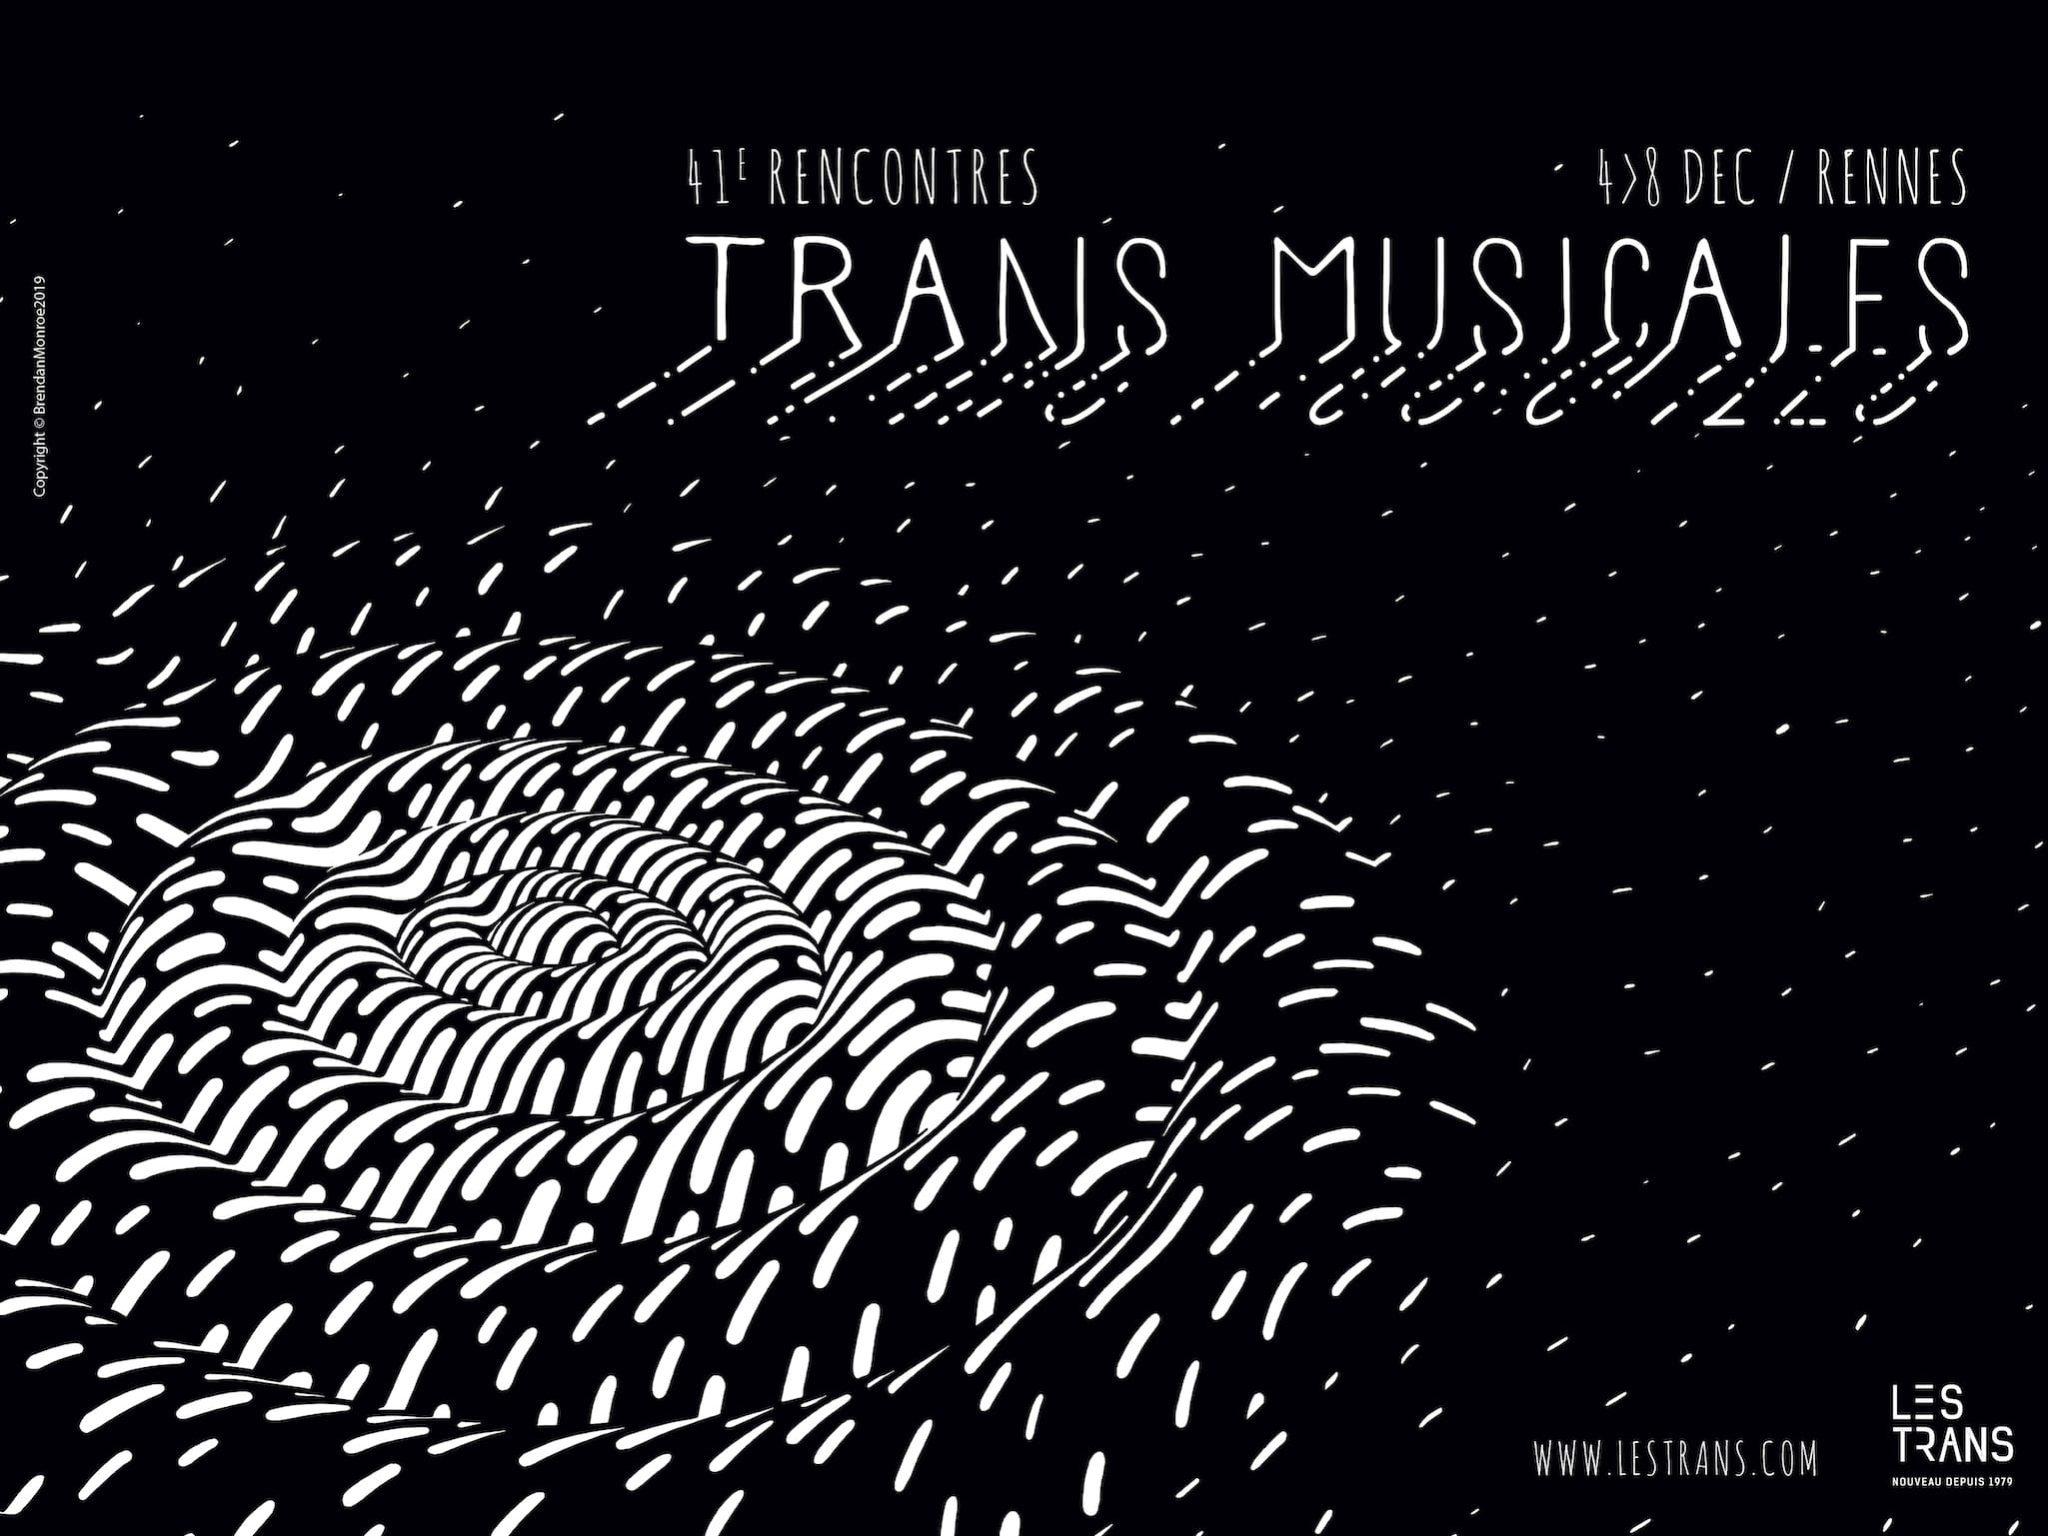 Festivals – Trans Musicales de Rennes 2019